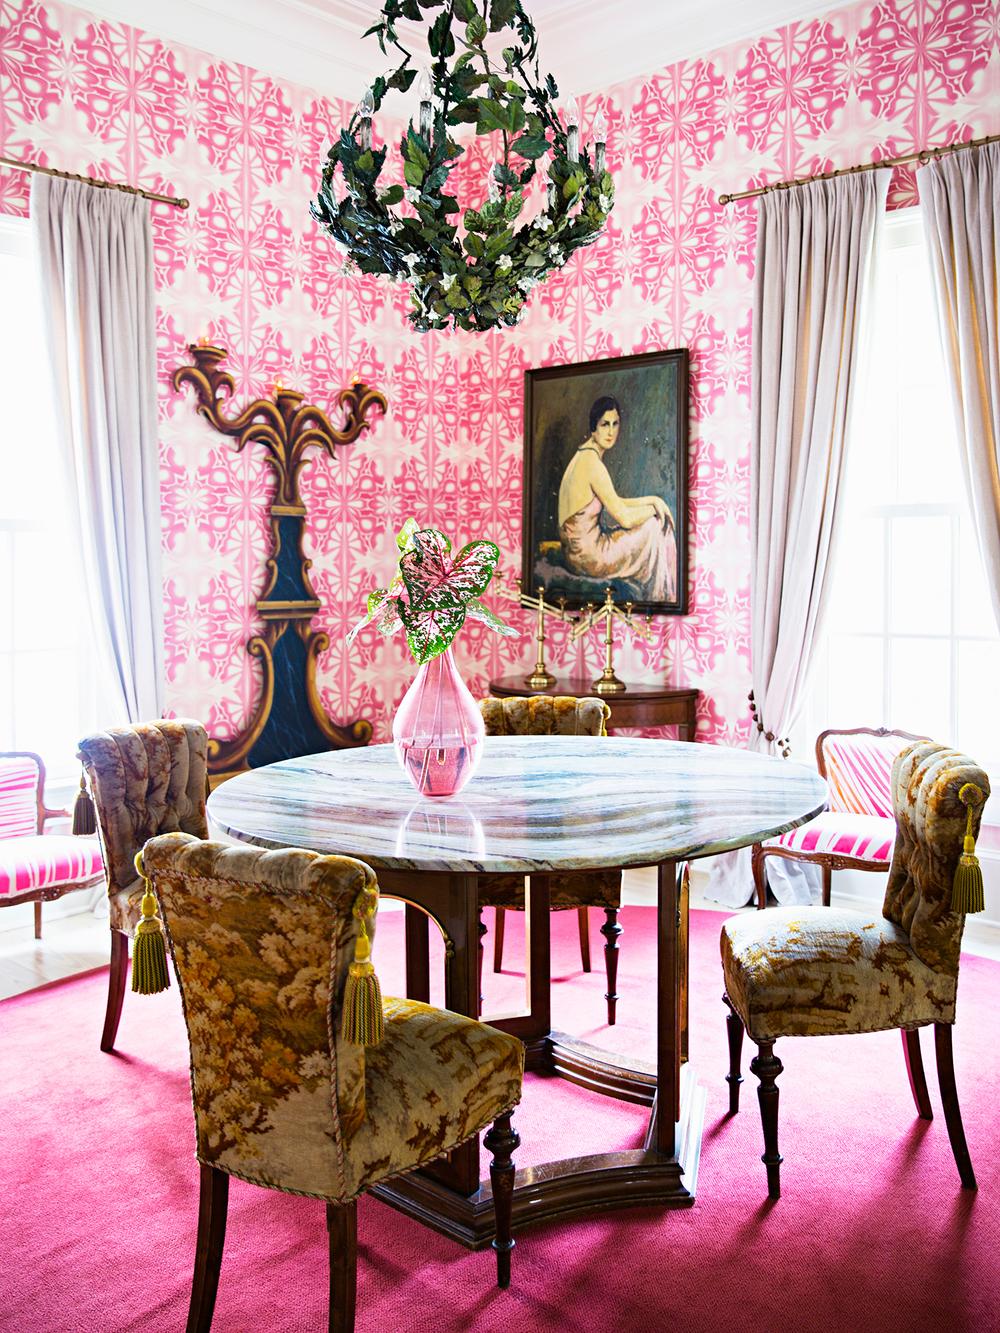 Interior Design by Susan Hable